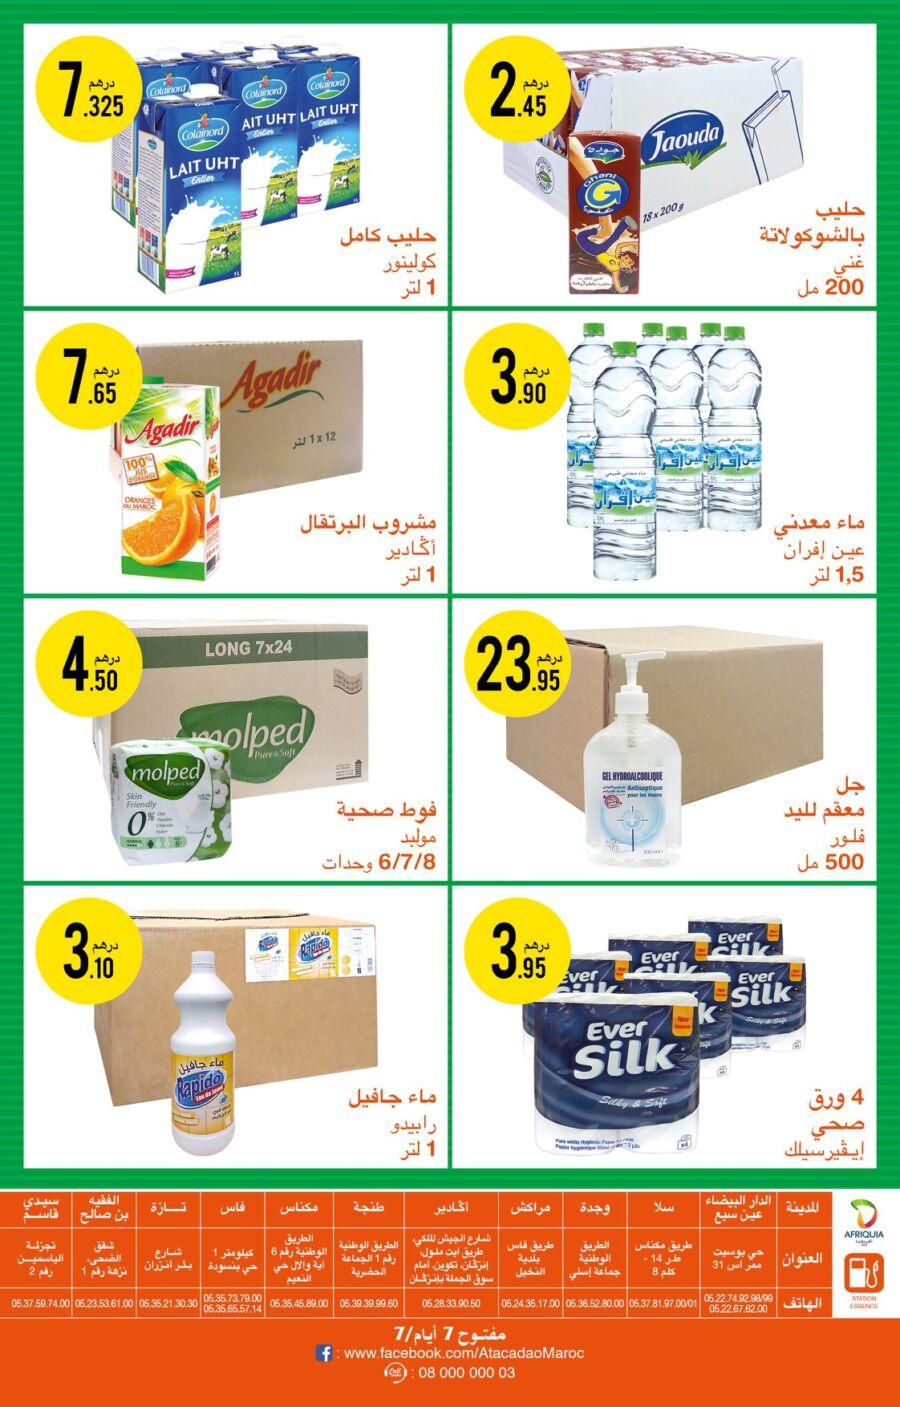 Catalogue Atacadao Maroc ما كاين ما ارخص du 4 au 17 Février 2021